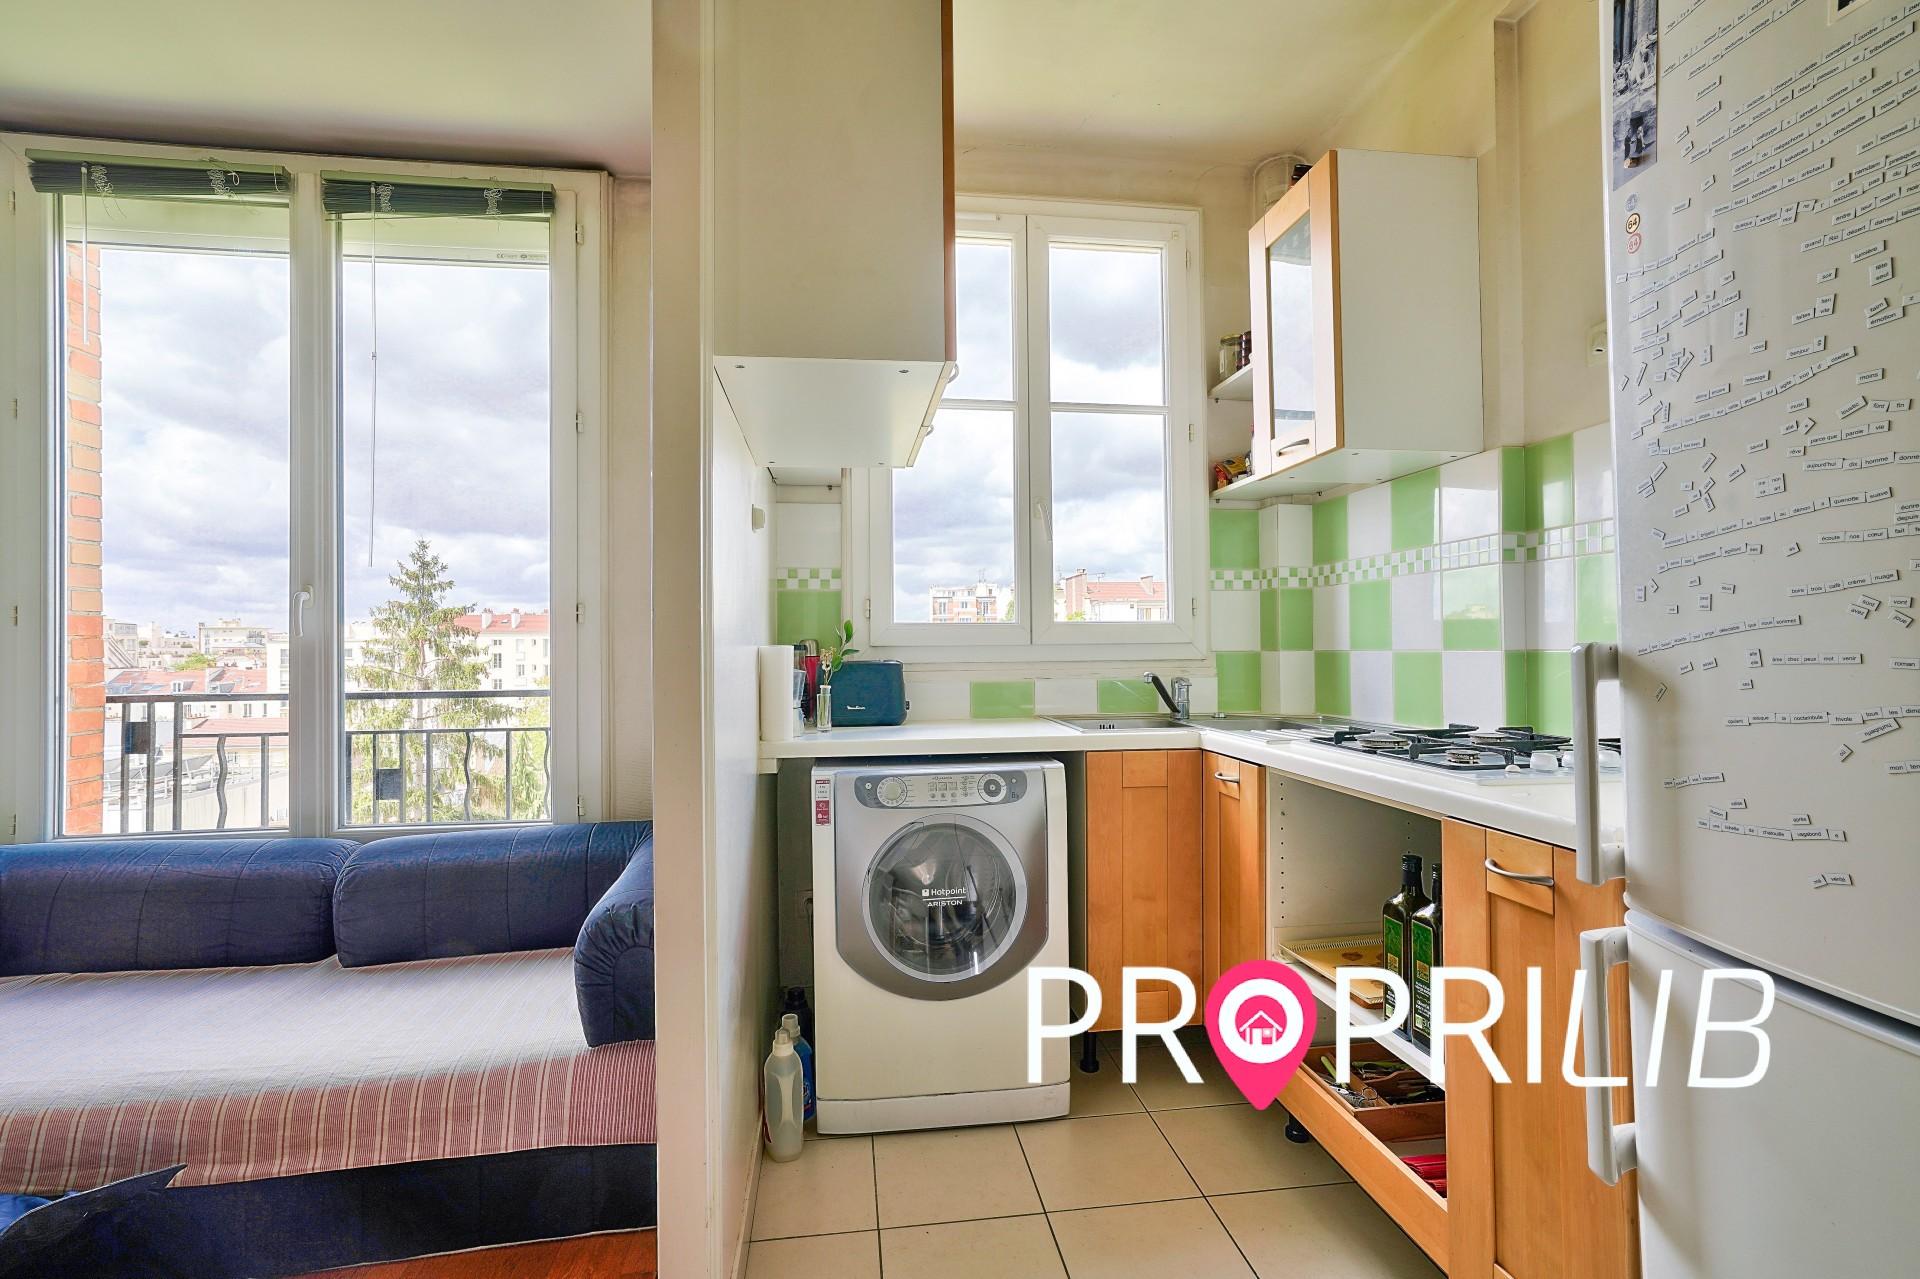 Vente immobilière à Vincennes